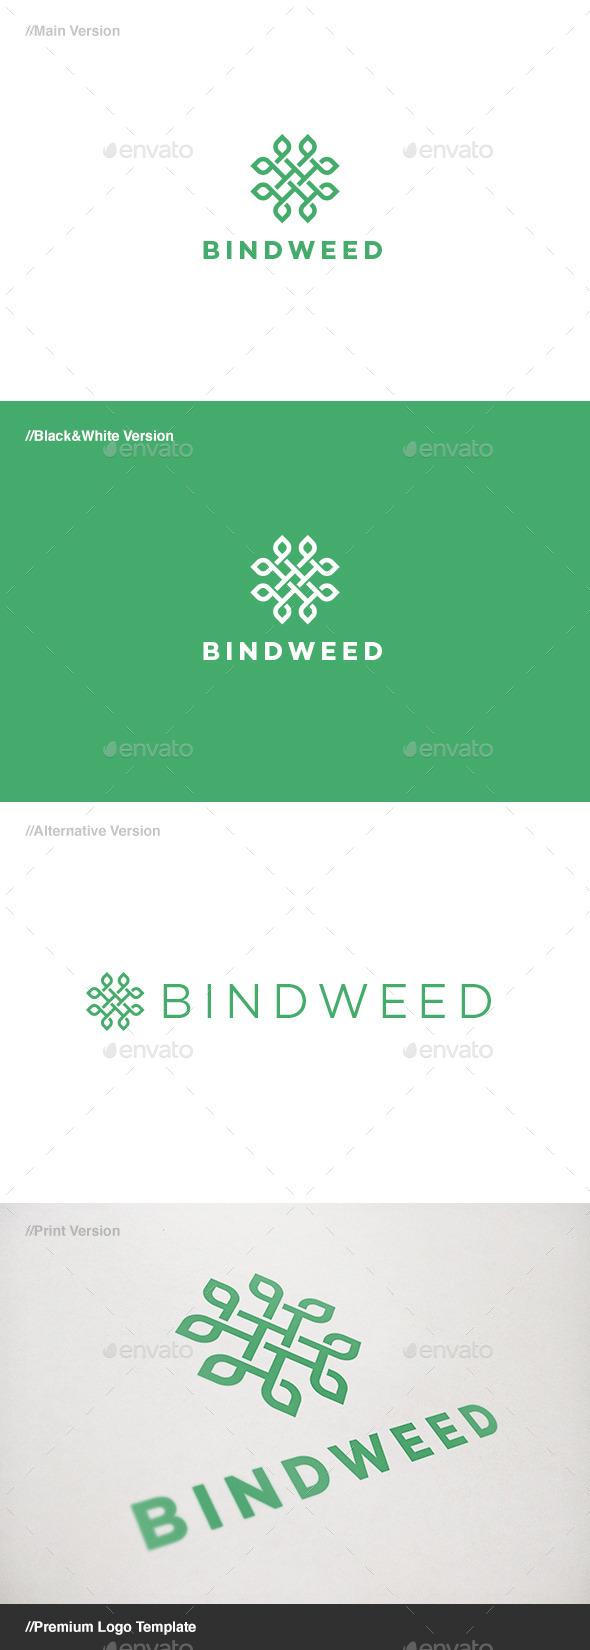 Bindweed Logo